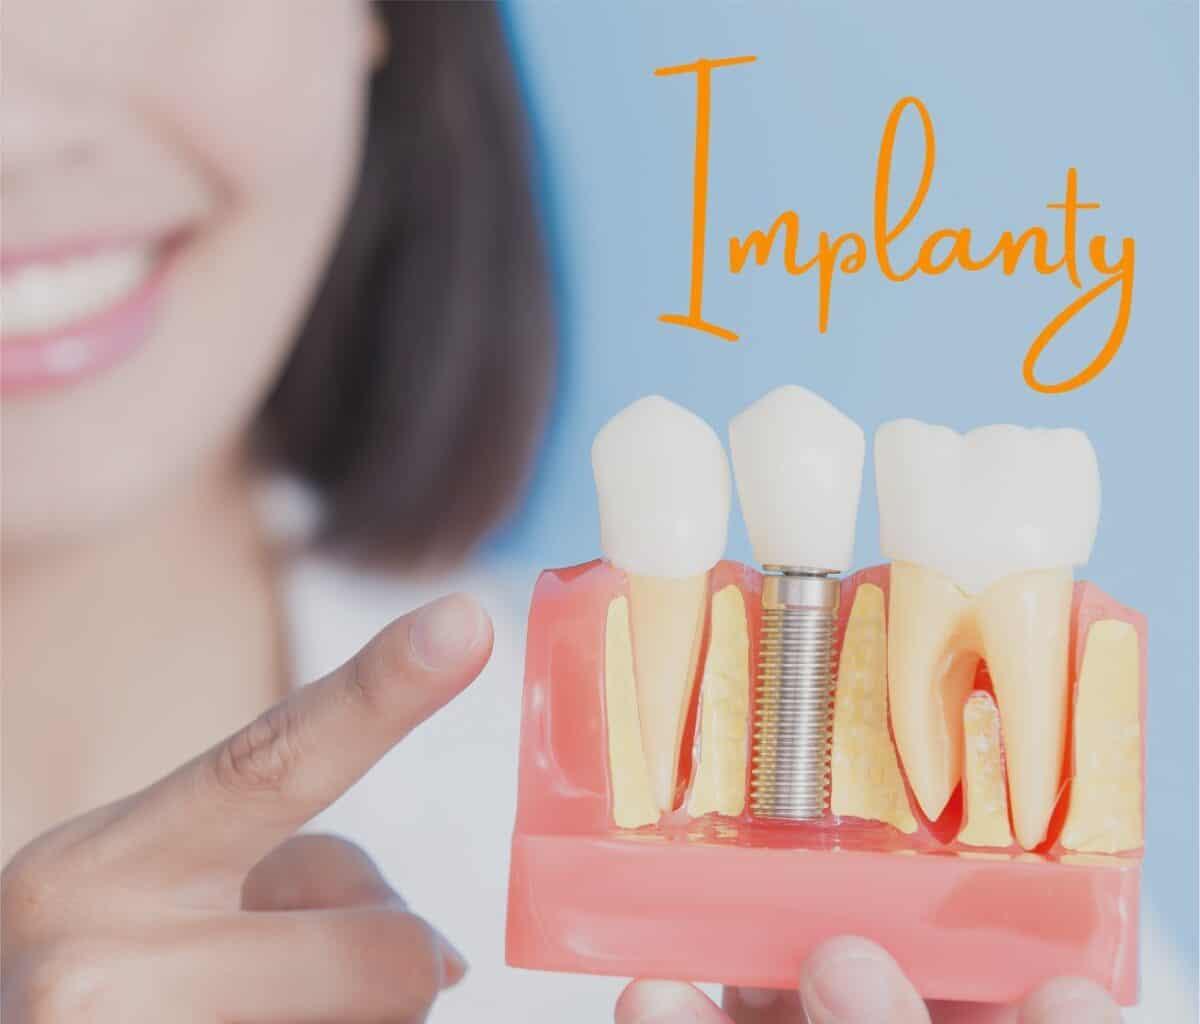 jJk-dbać-o-implanty-1200x1024.jpg